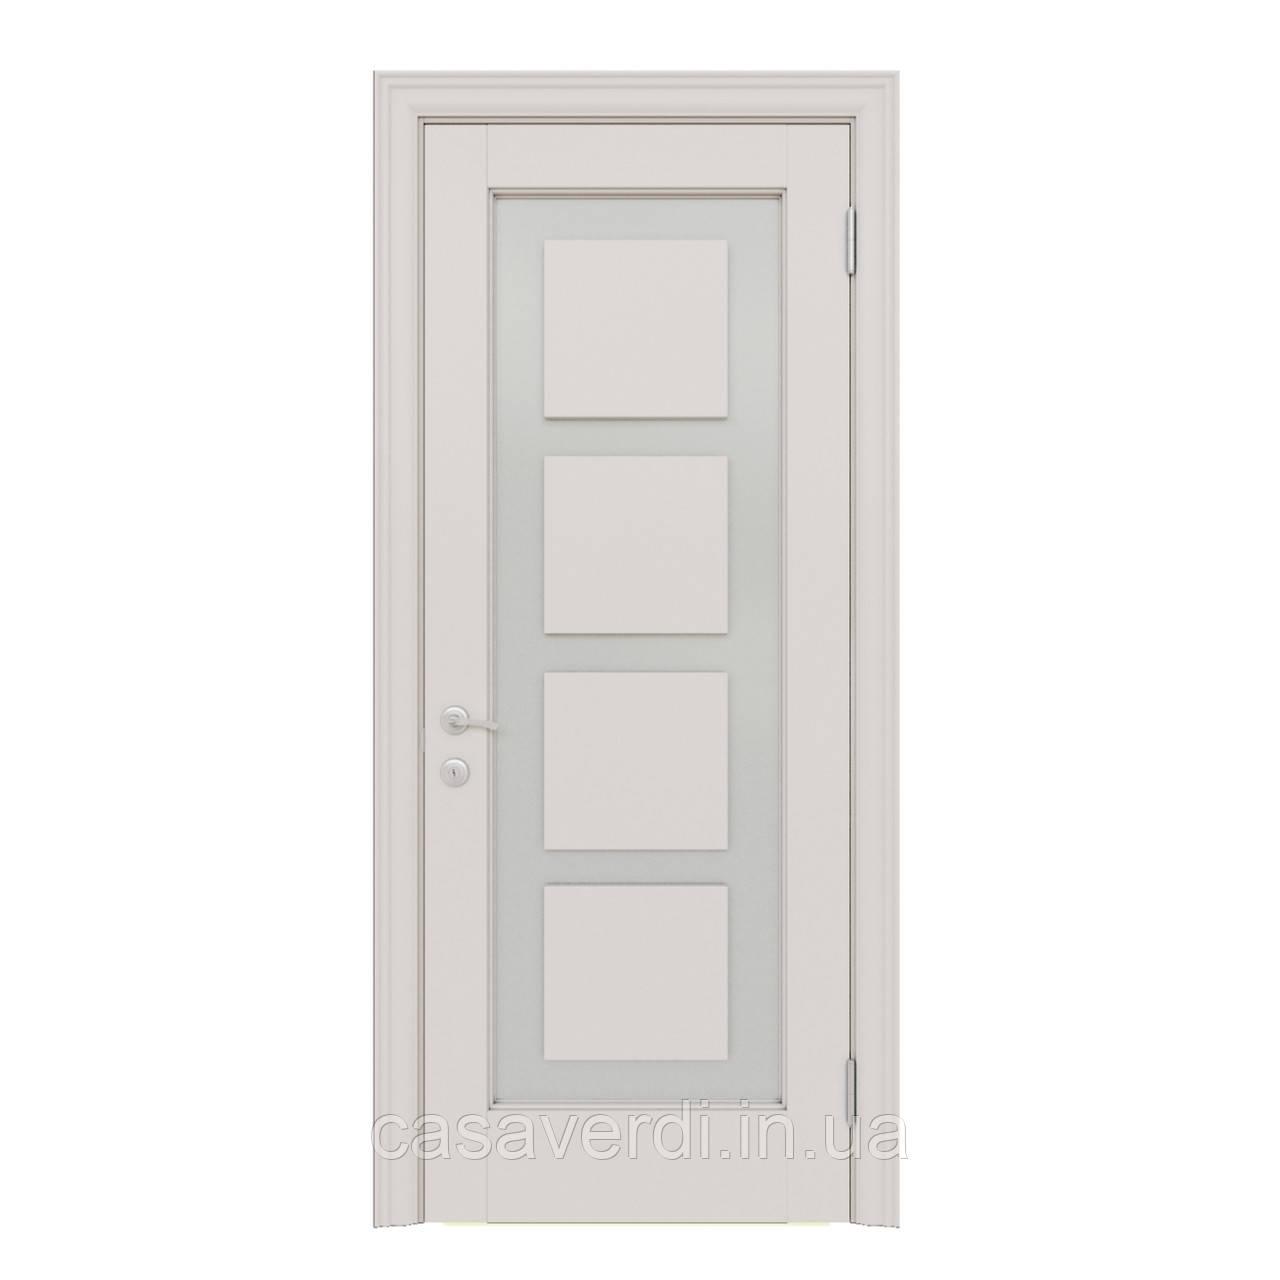 Межкомнатная дверь Casa Verdi Vetro 8 из массива ольхи